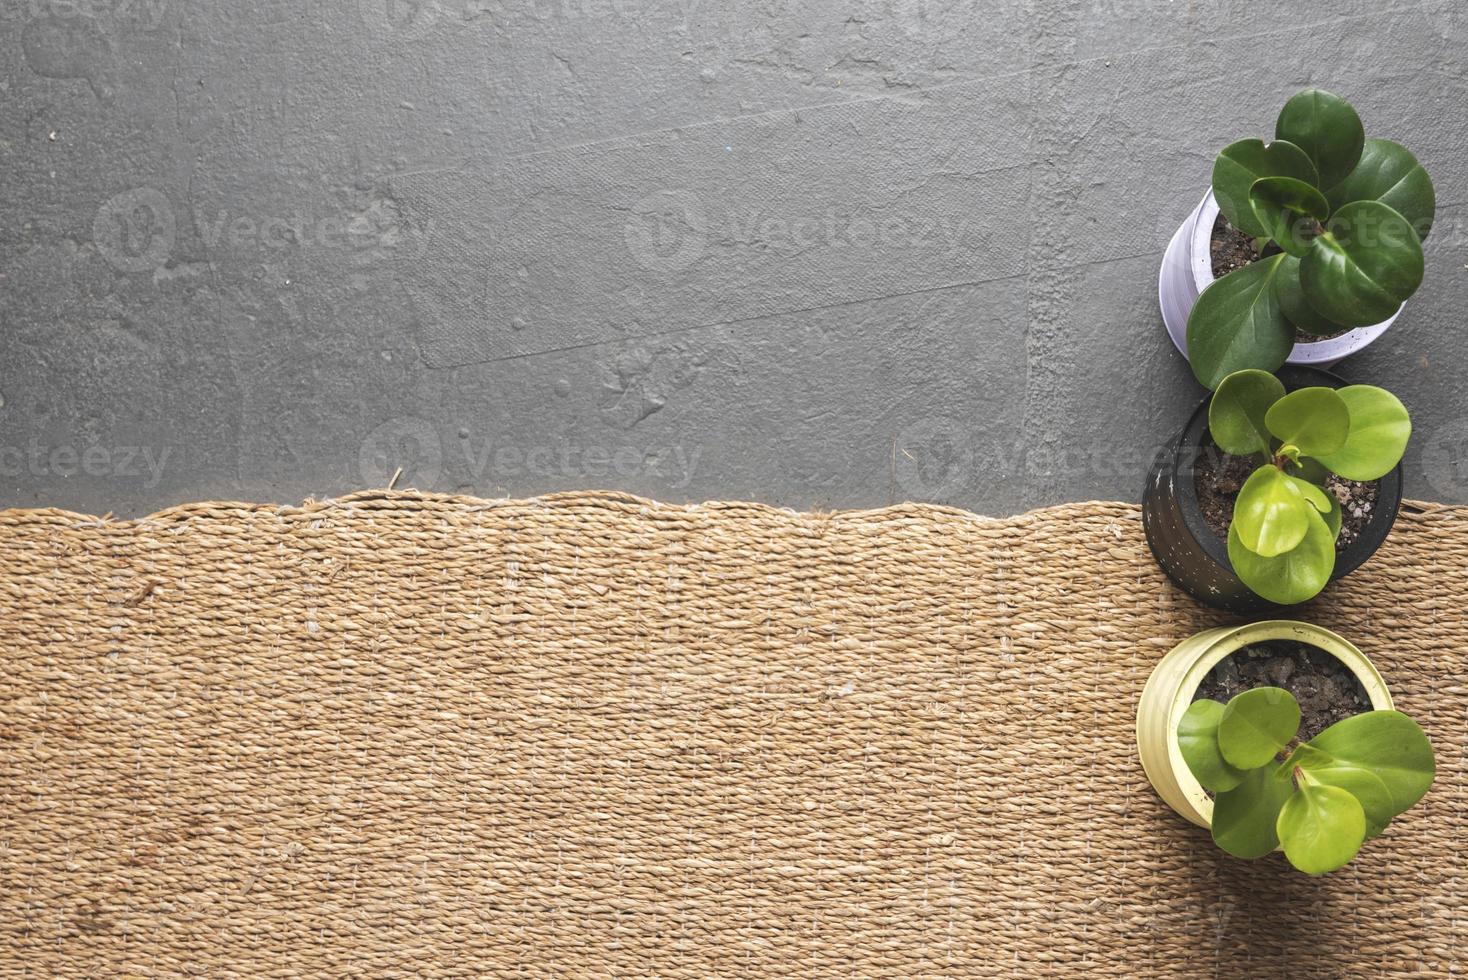 tre vasi per piante foto